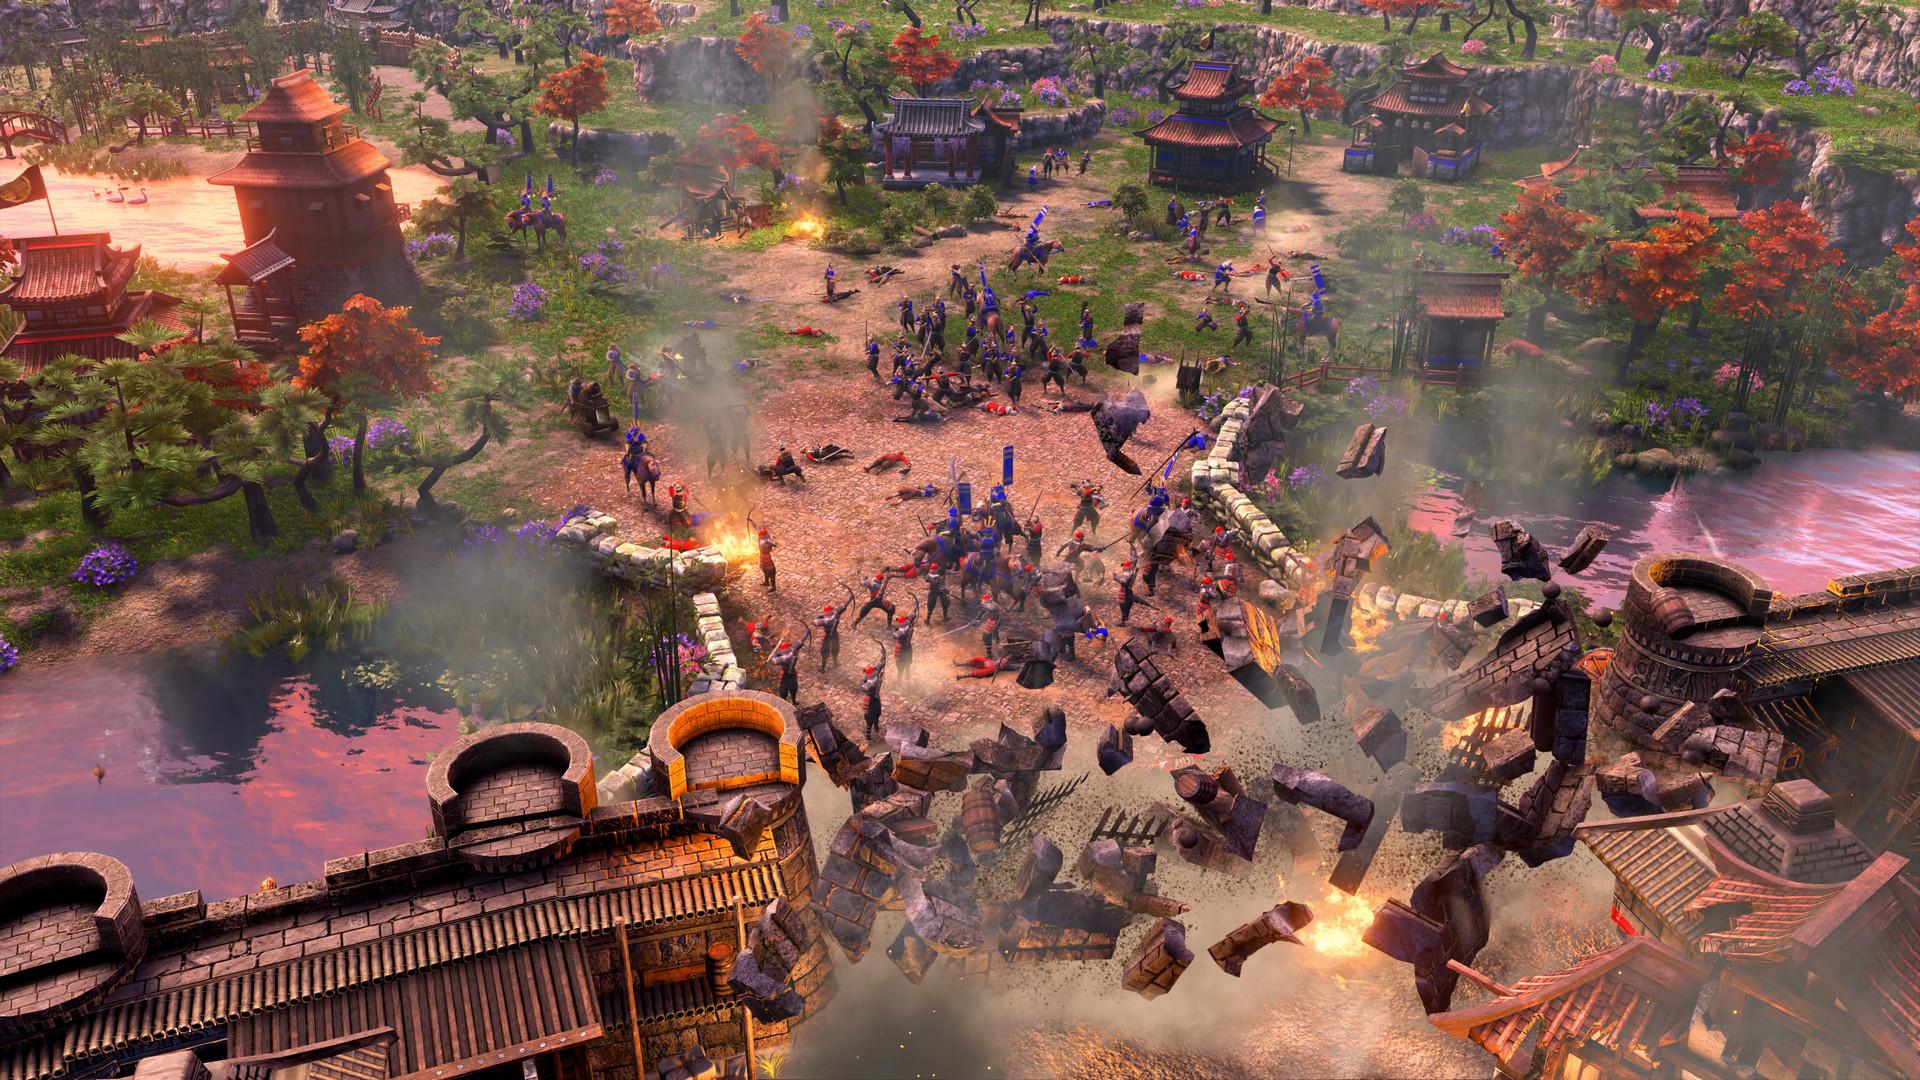 《帝国时代3:决定版》截图对比 重制画面更出色